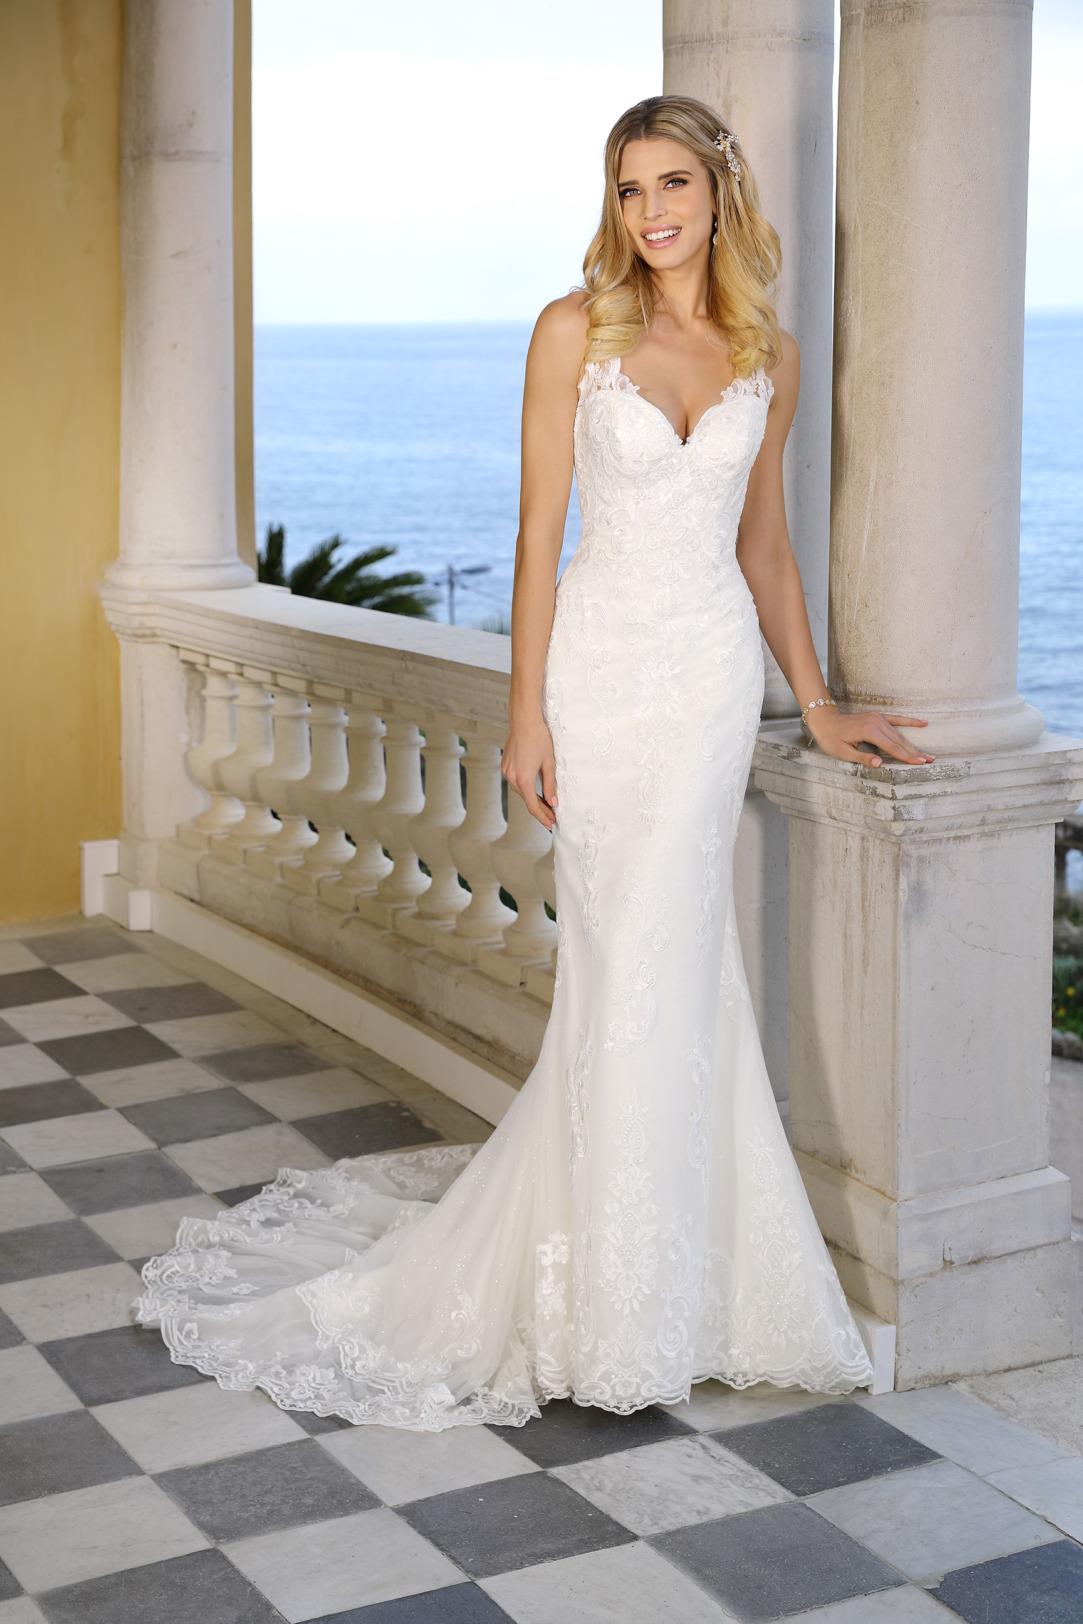 Schmales Hochzeitskleid im Mermaid Stil. Fit and Flare Stil von Ladybird, Modell 421060. Meerjungfrau Brautkleid mit V-Ausschnitt. Feinste Spitzen-Applikationen all over machen dieses Hochzeitskleid mit Schleppe zum absoluten Traum in Weiß.